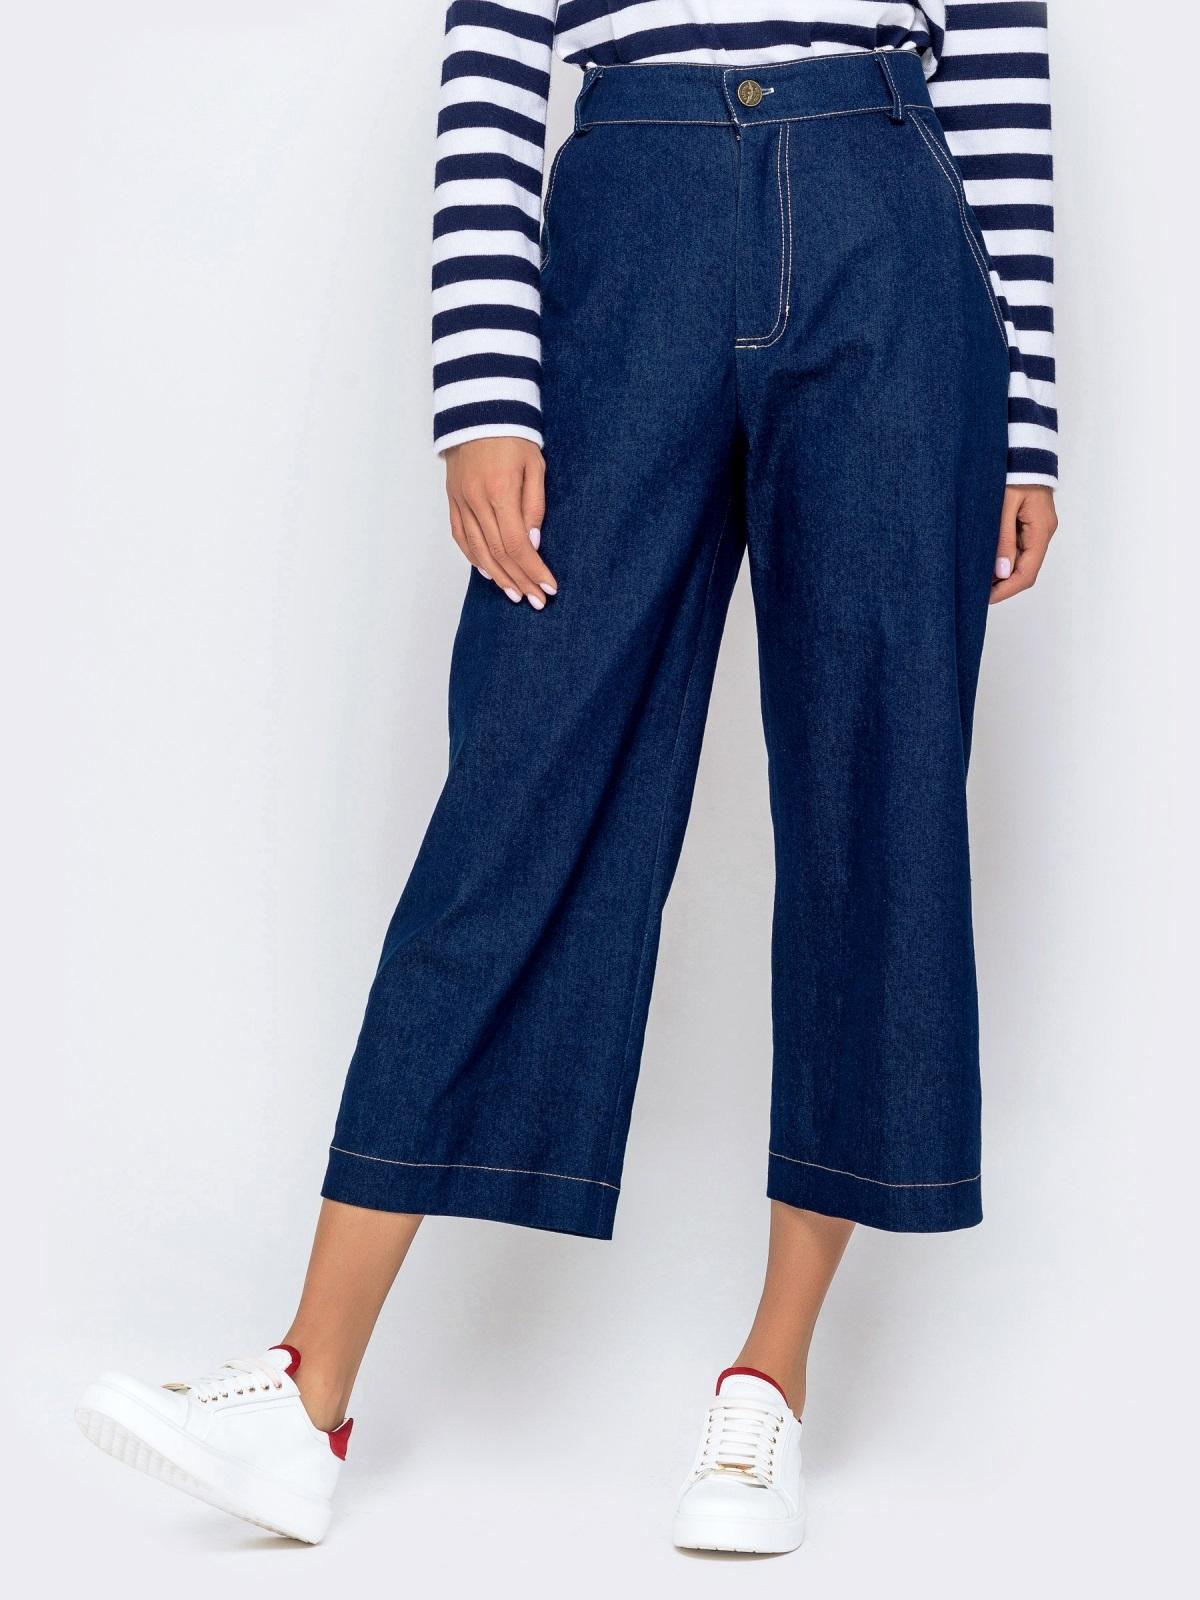 Джинсовые брюки-кюлоты с завышенной талией синие 40986, фото 1